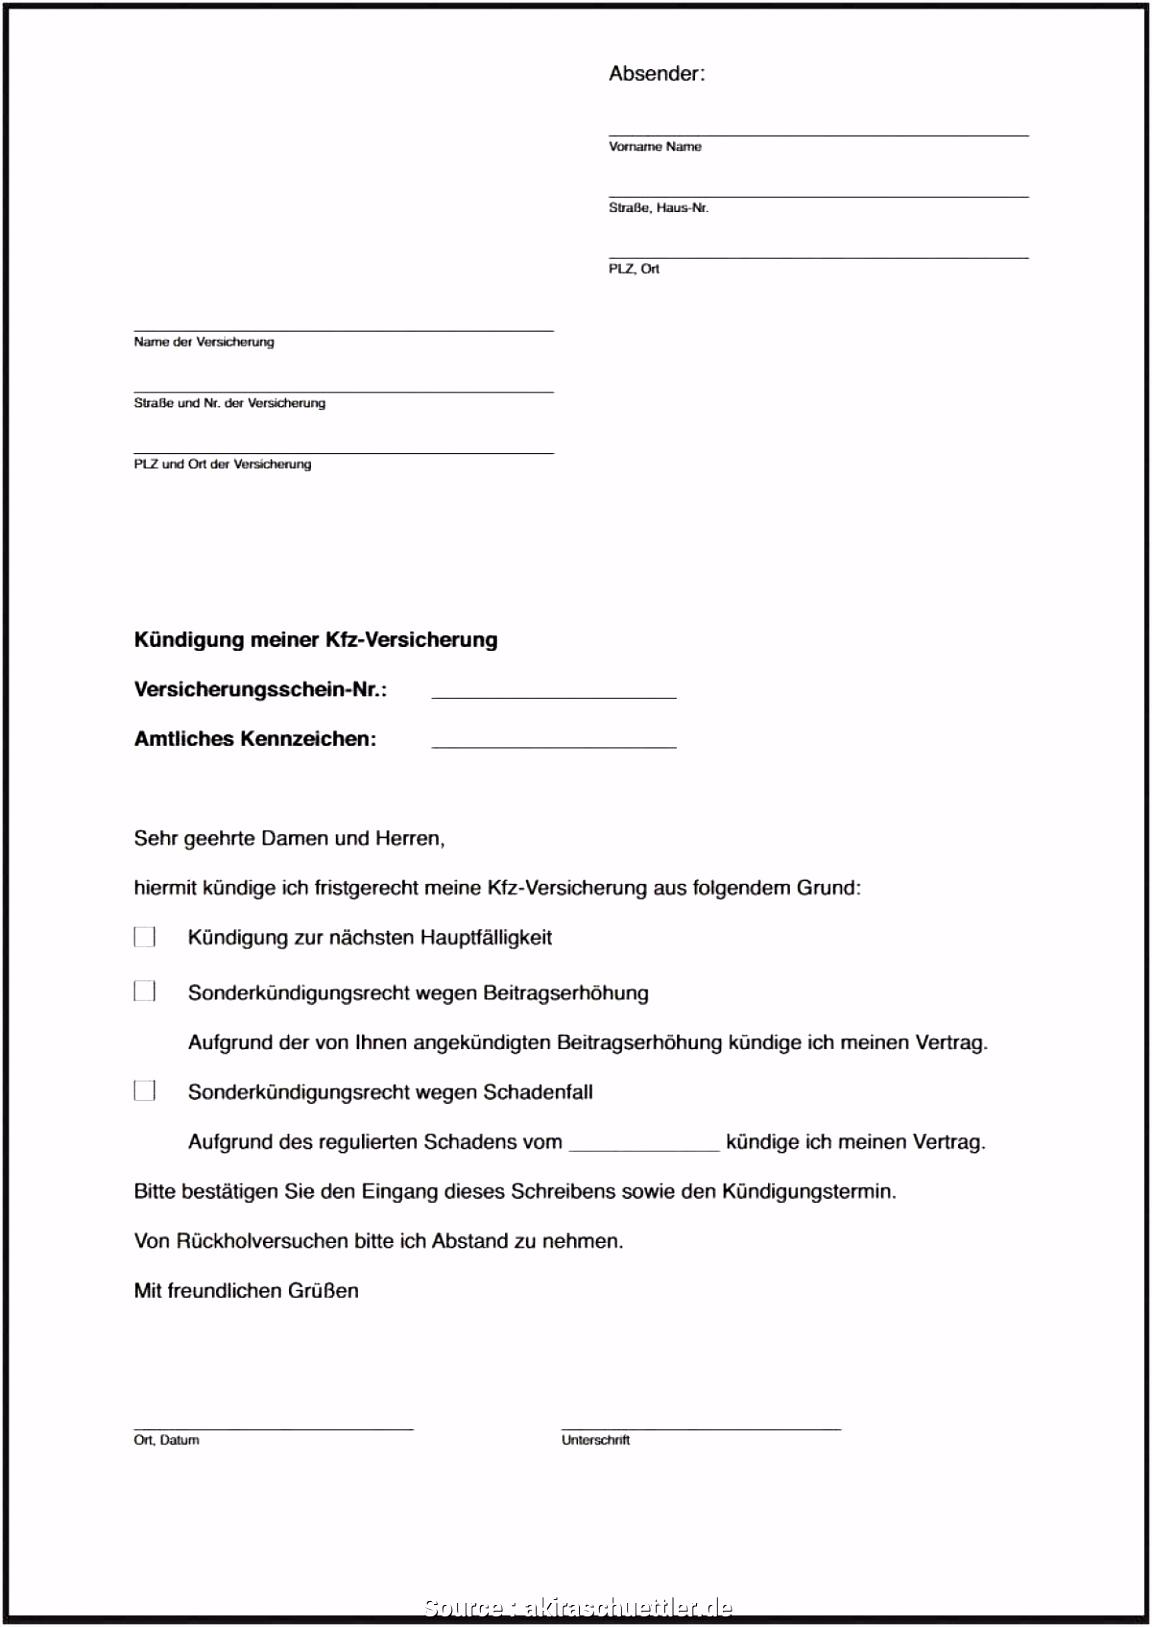 Kündigung Mietvertrag line Ausfüllen